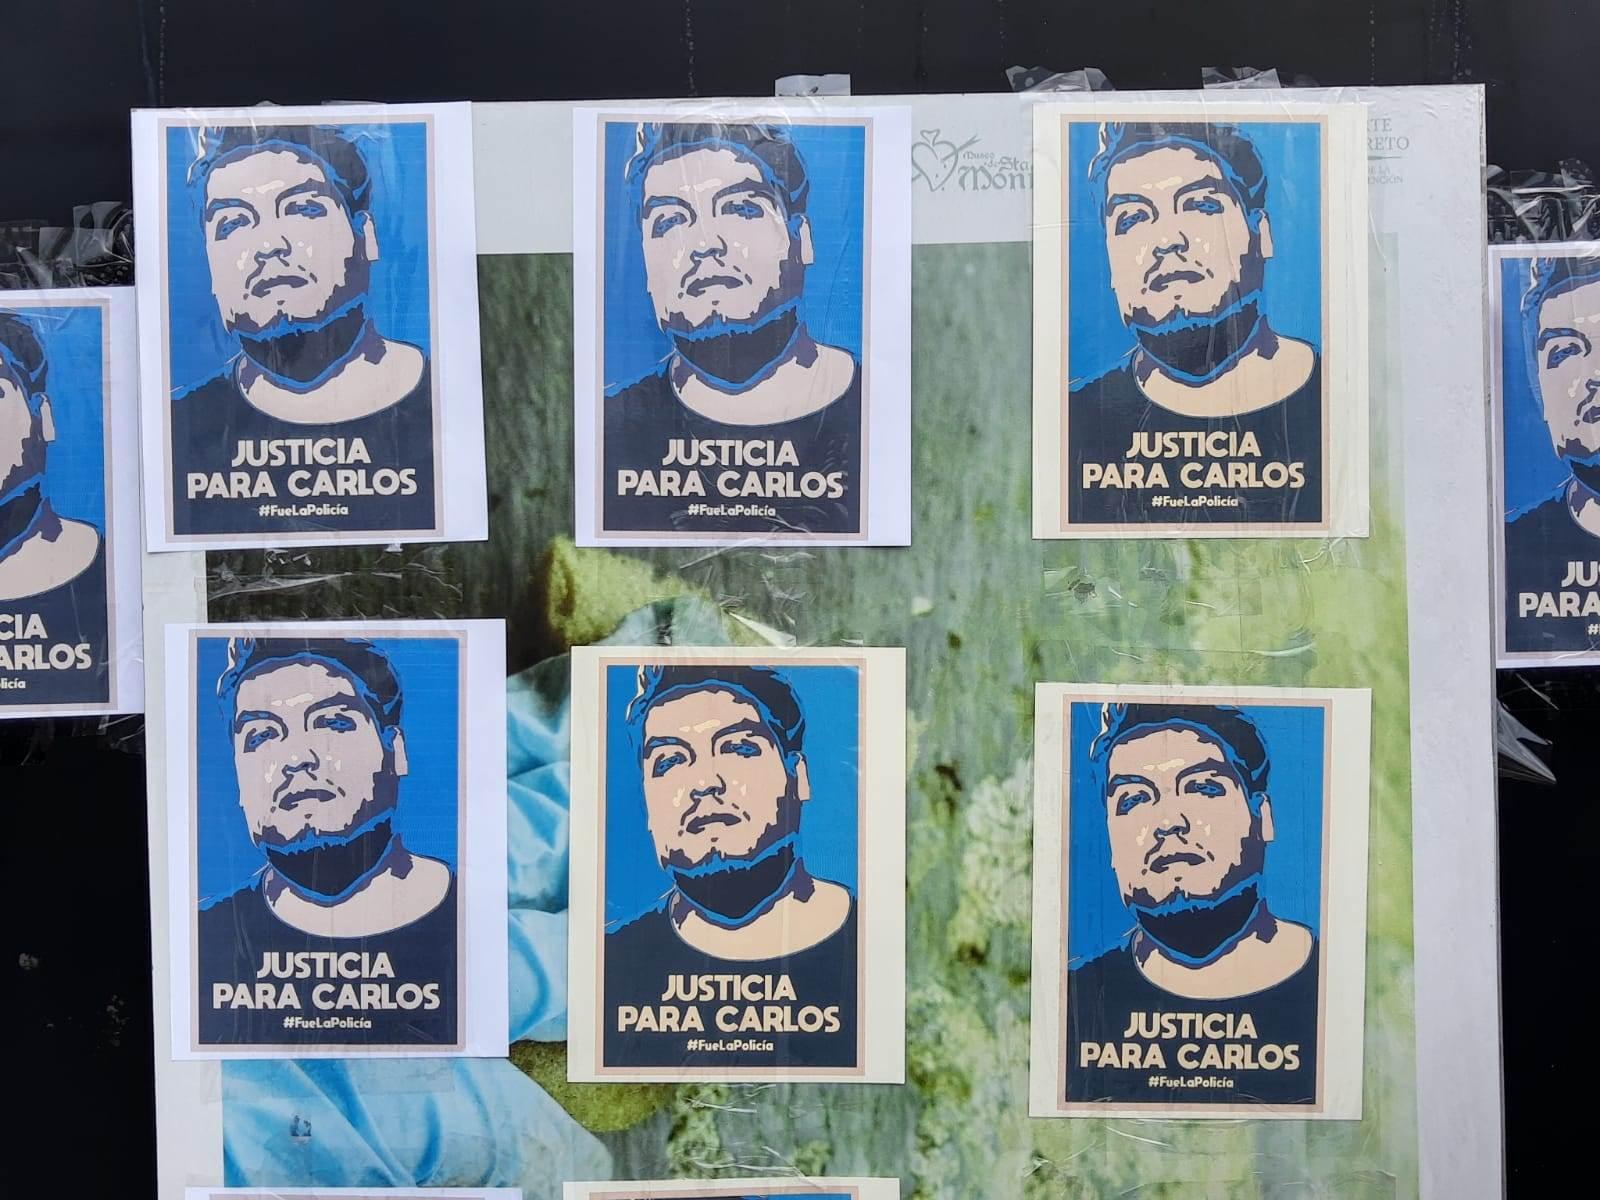 La muerte de Carlos Portillo ha despertado indignación entre la comunidad universitaria, que ha señalado a la policía como responsable del deceso del joven artista. Fotografía: Jaime Carrera